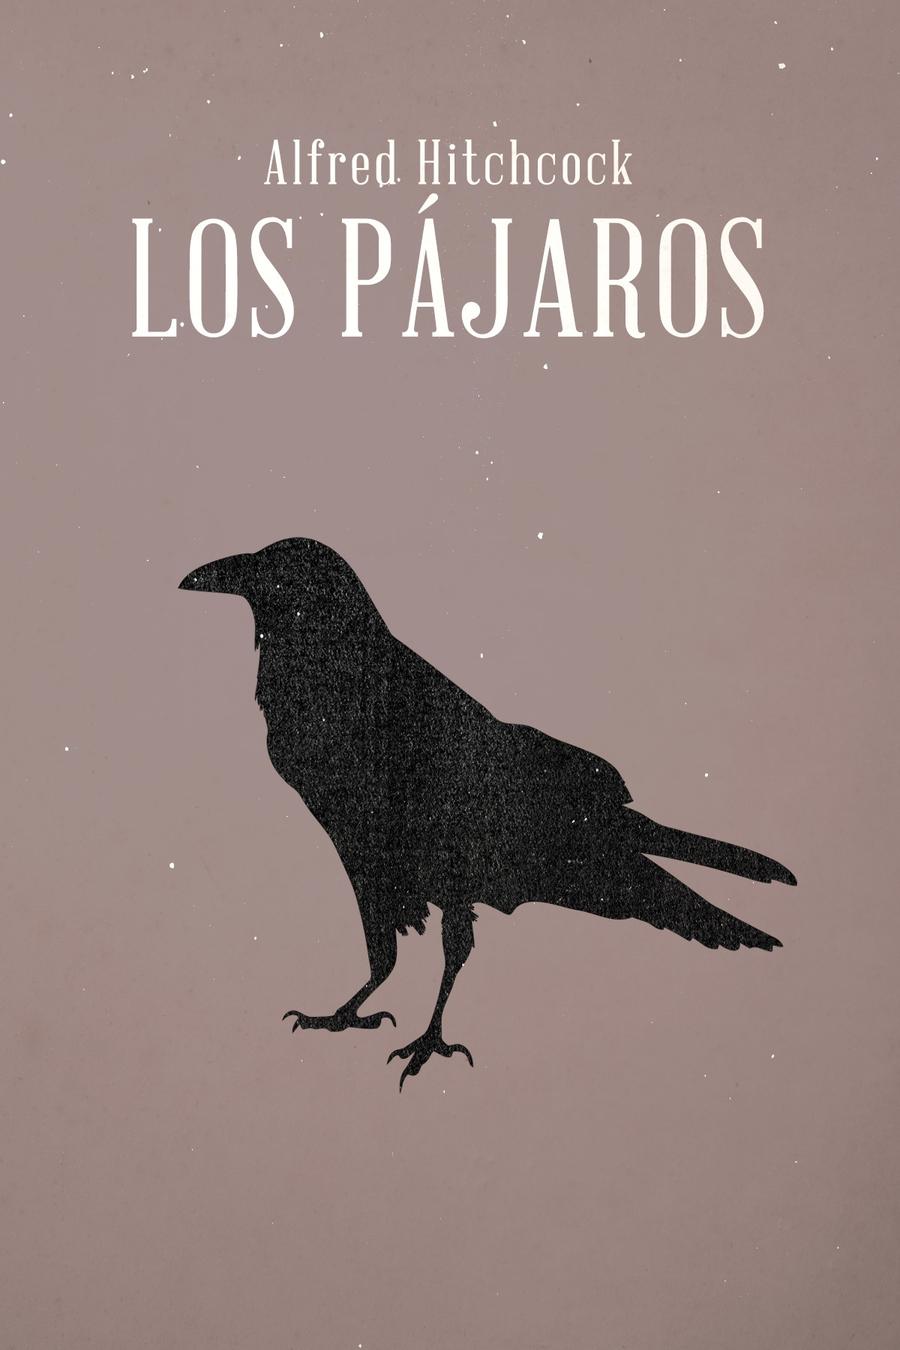 Los pájaros